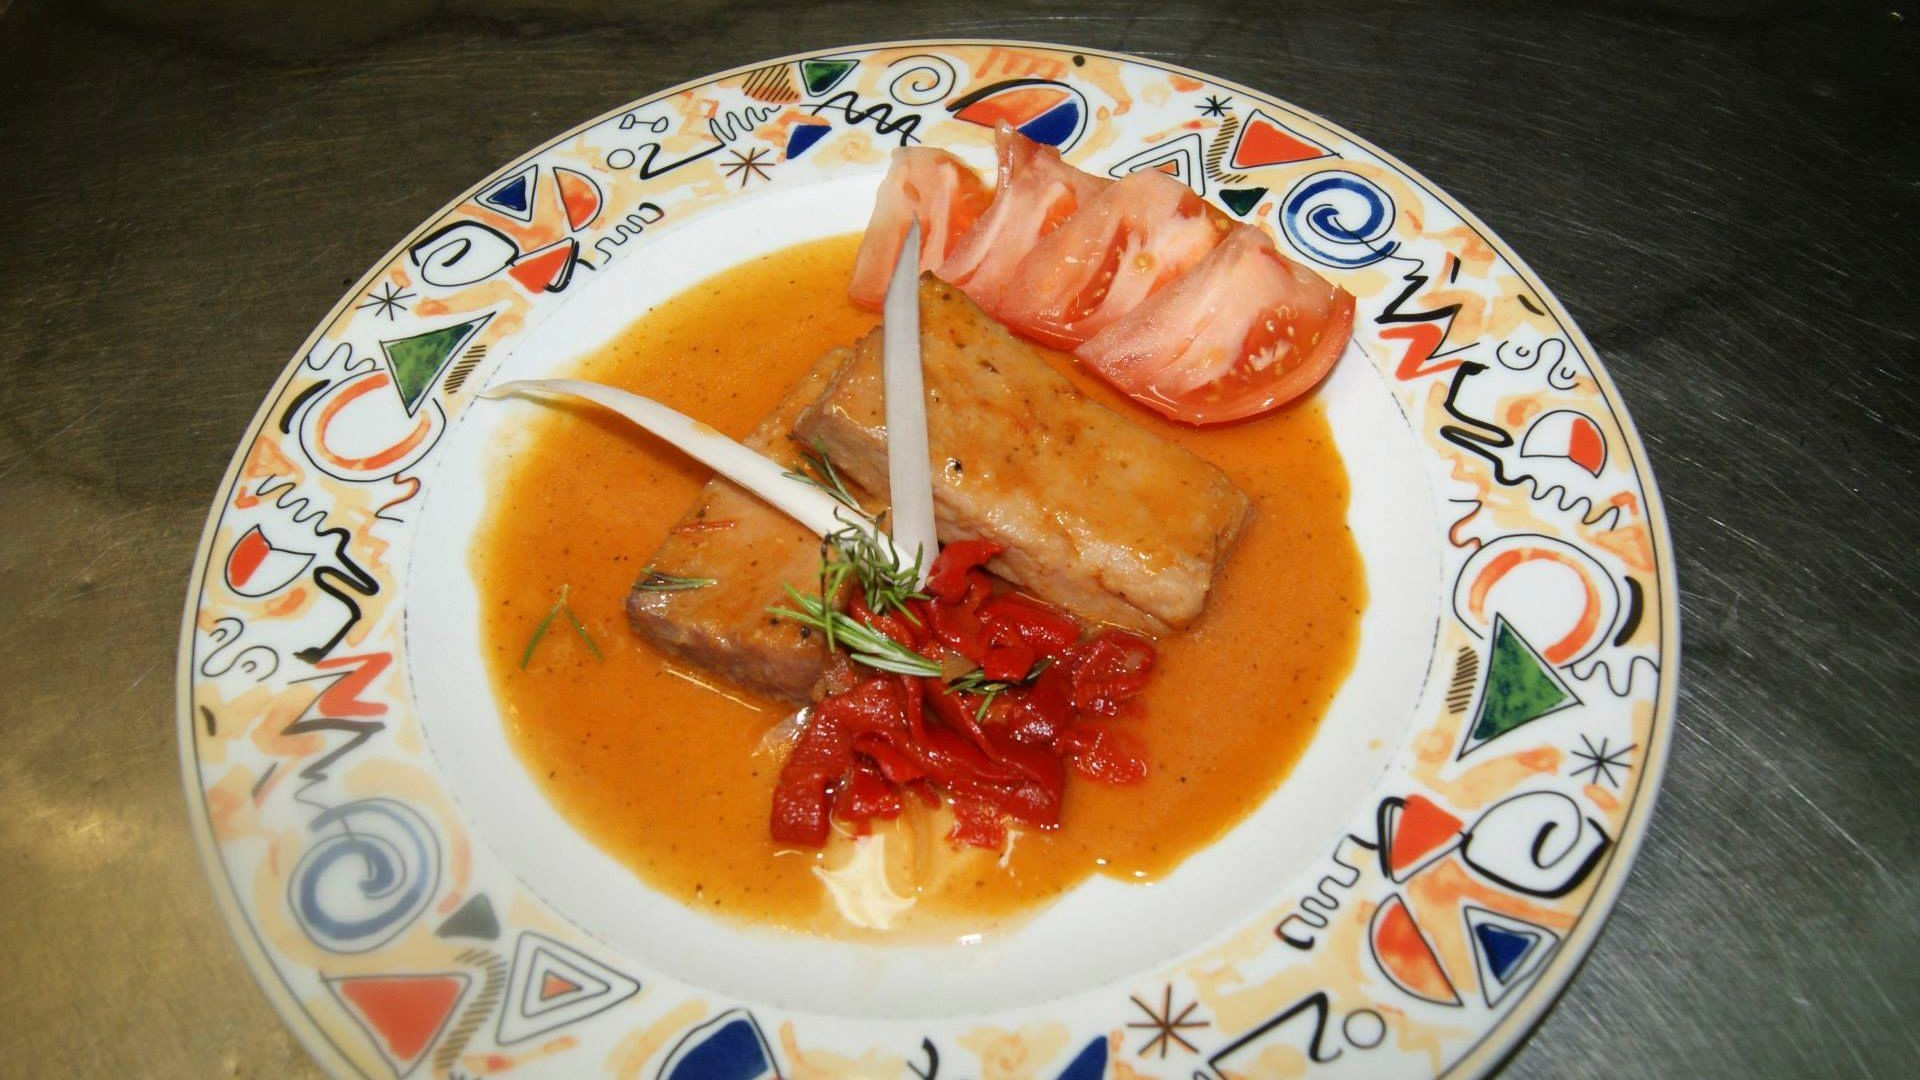 Cocina casera en Pinto